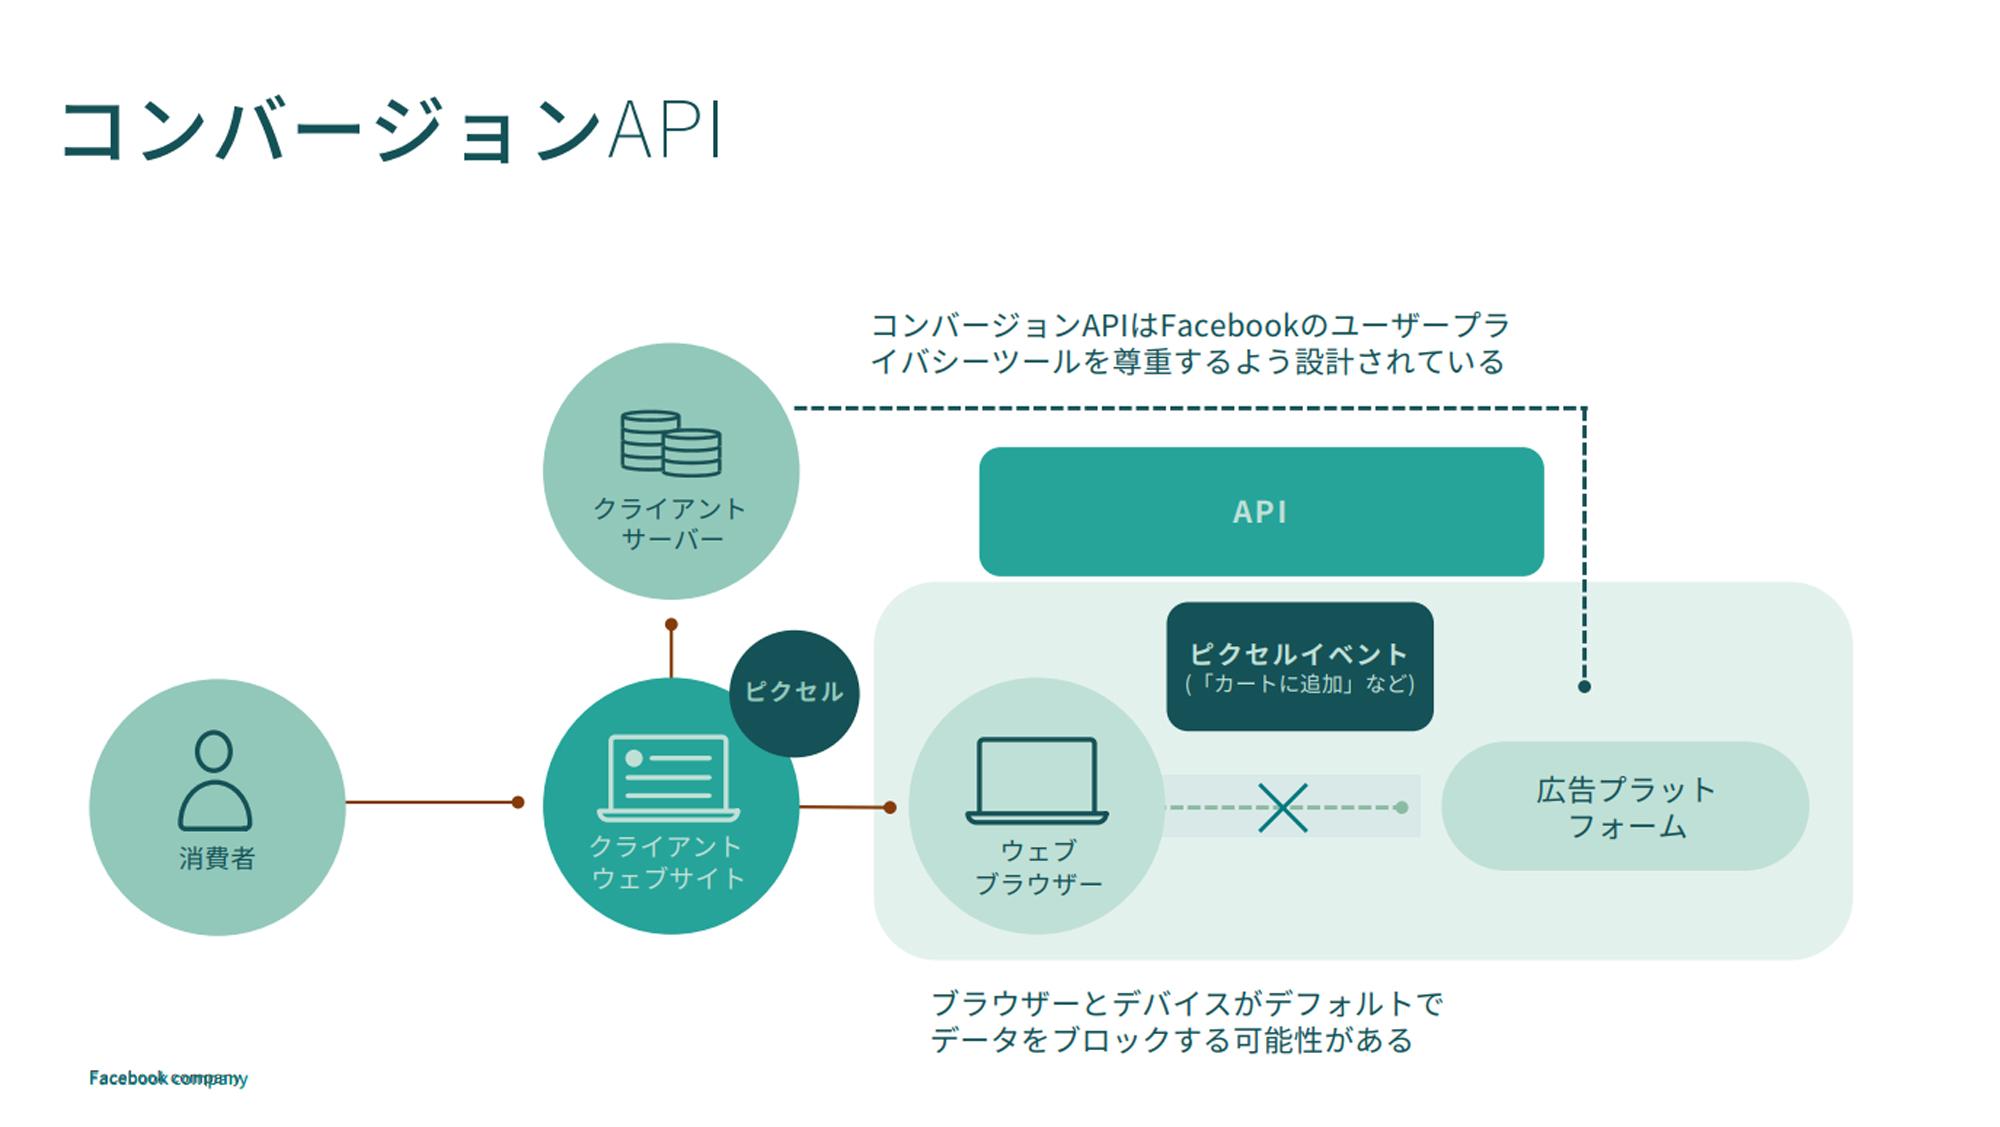 CAPIにおけるデータの流れ(タップで画像拡大)